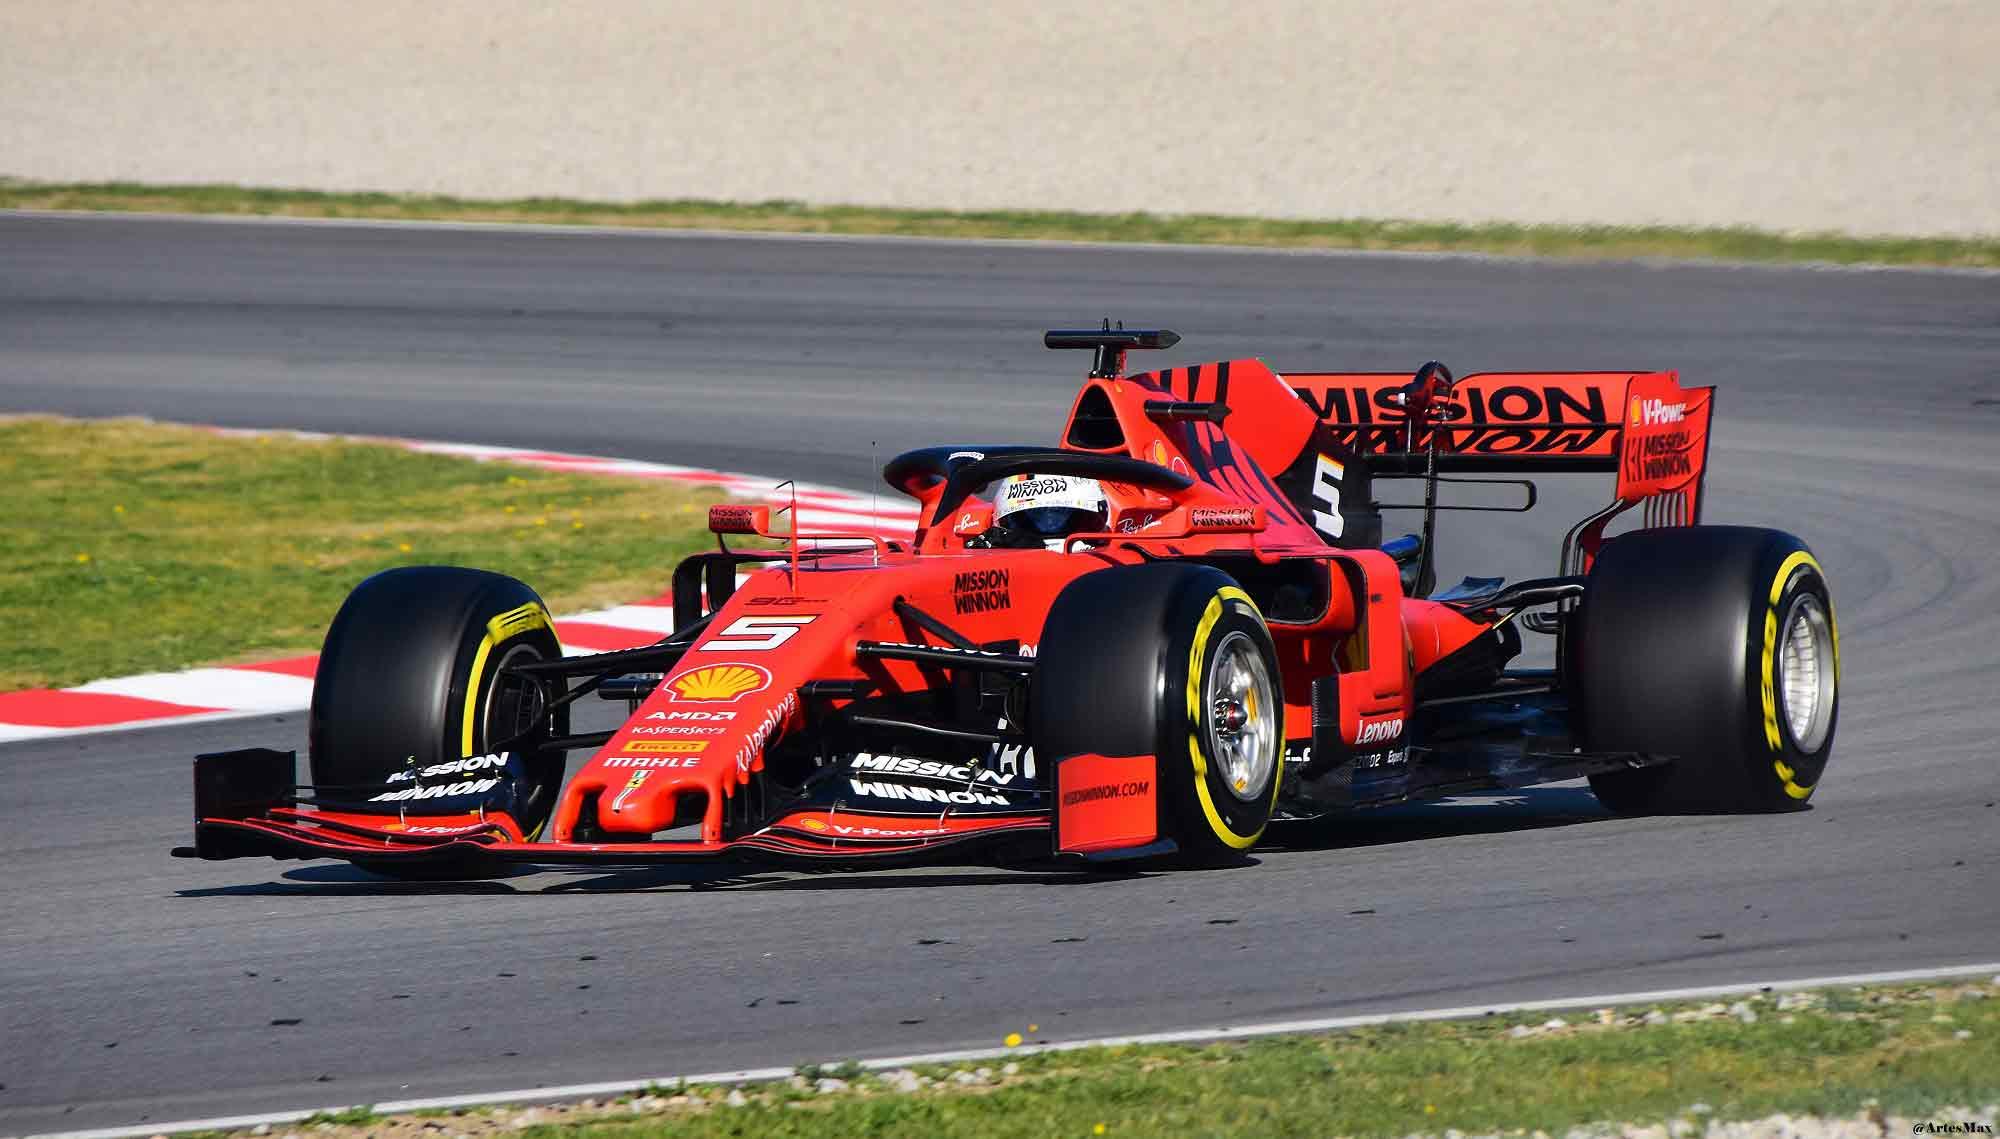 Fórmula 1 coche, Fórmula 1 carrera, Fórmula 1 competición